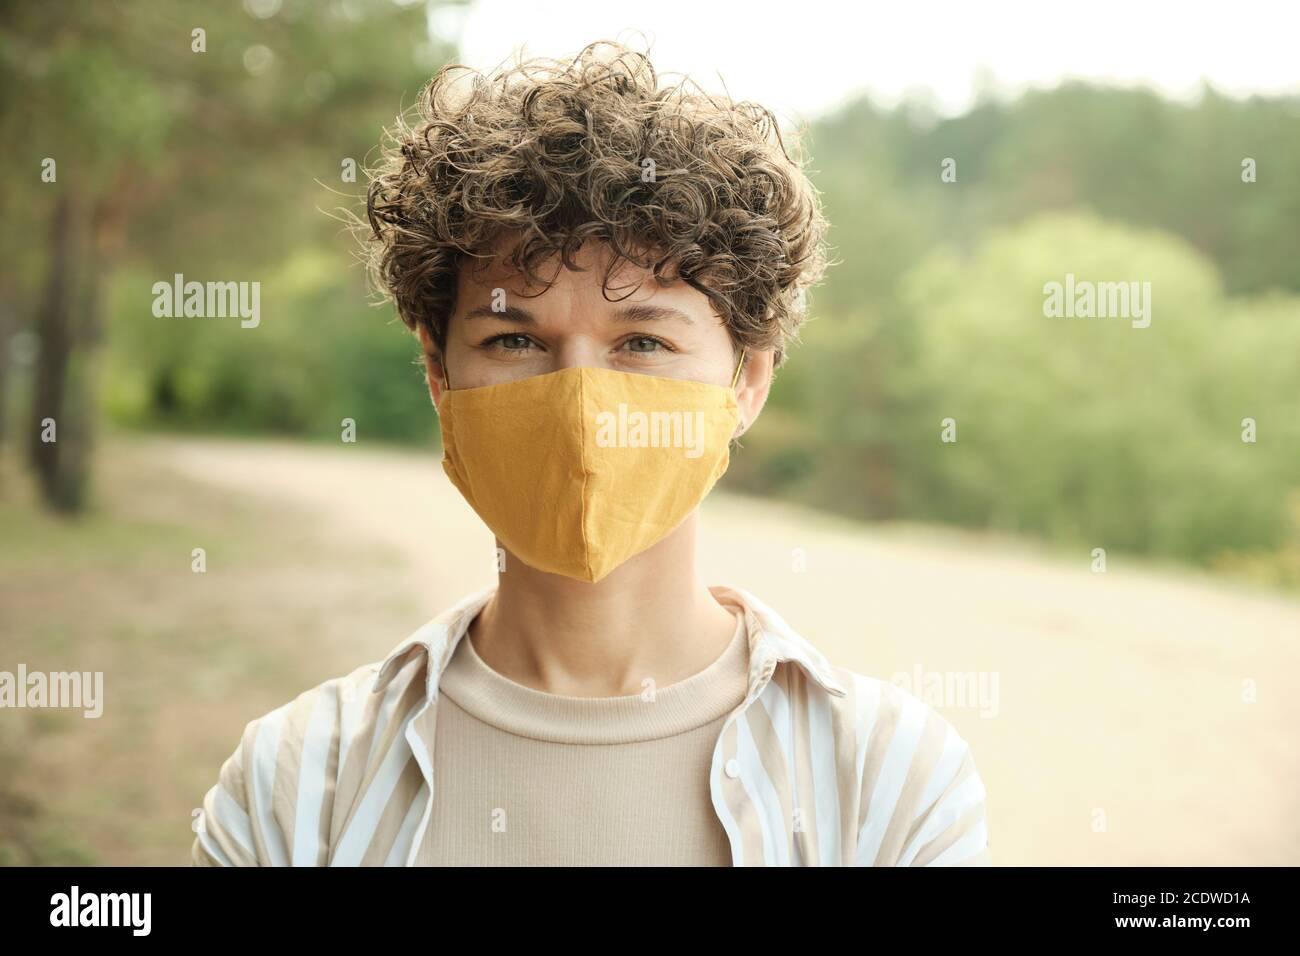 Jeune femme brune contemporaine dans un masque de protection fait à la main Banque D'Images